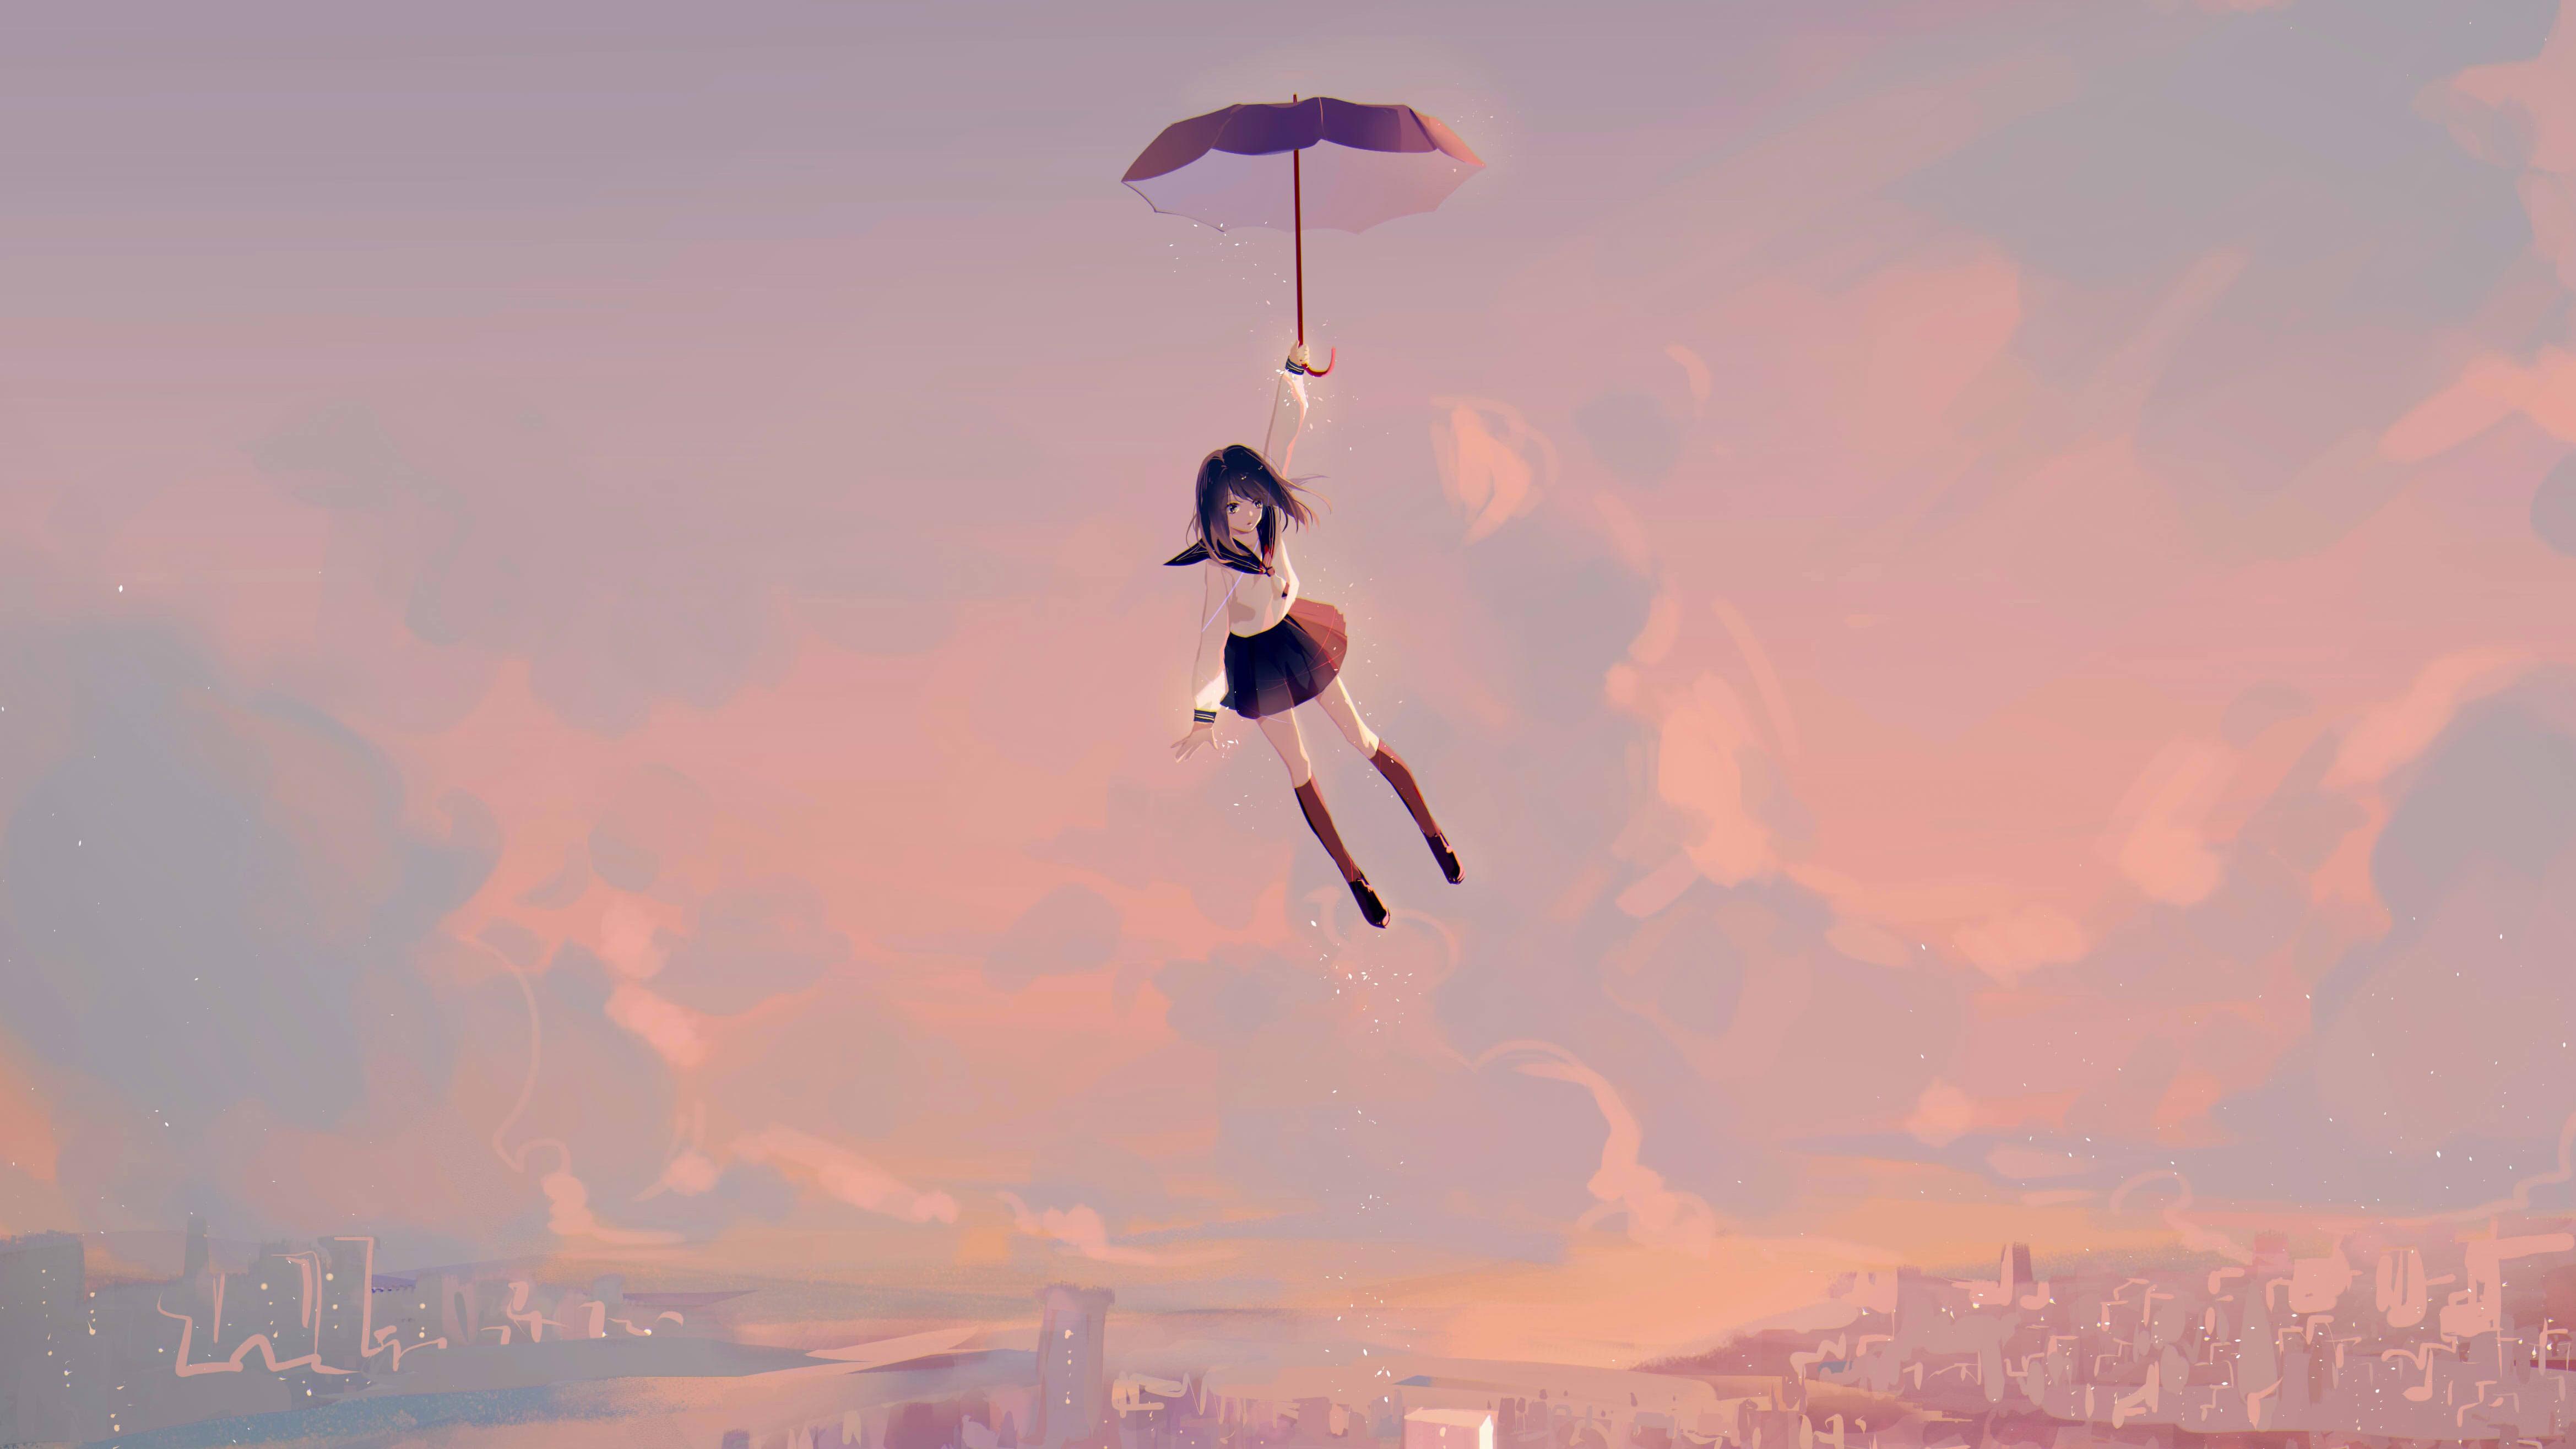 anime girl flying with umbrella 1578254320 - Anime Girl Flying With Umbrella -